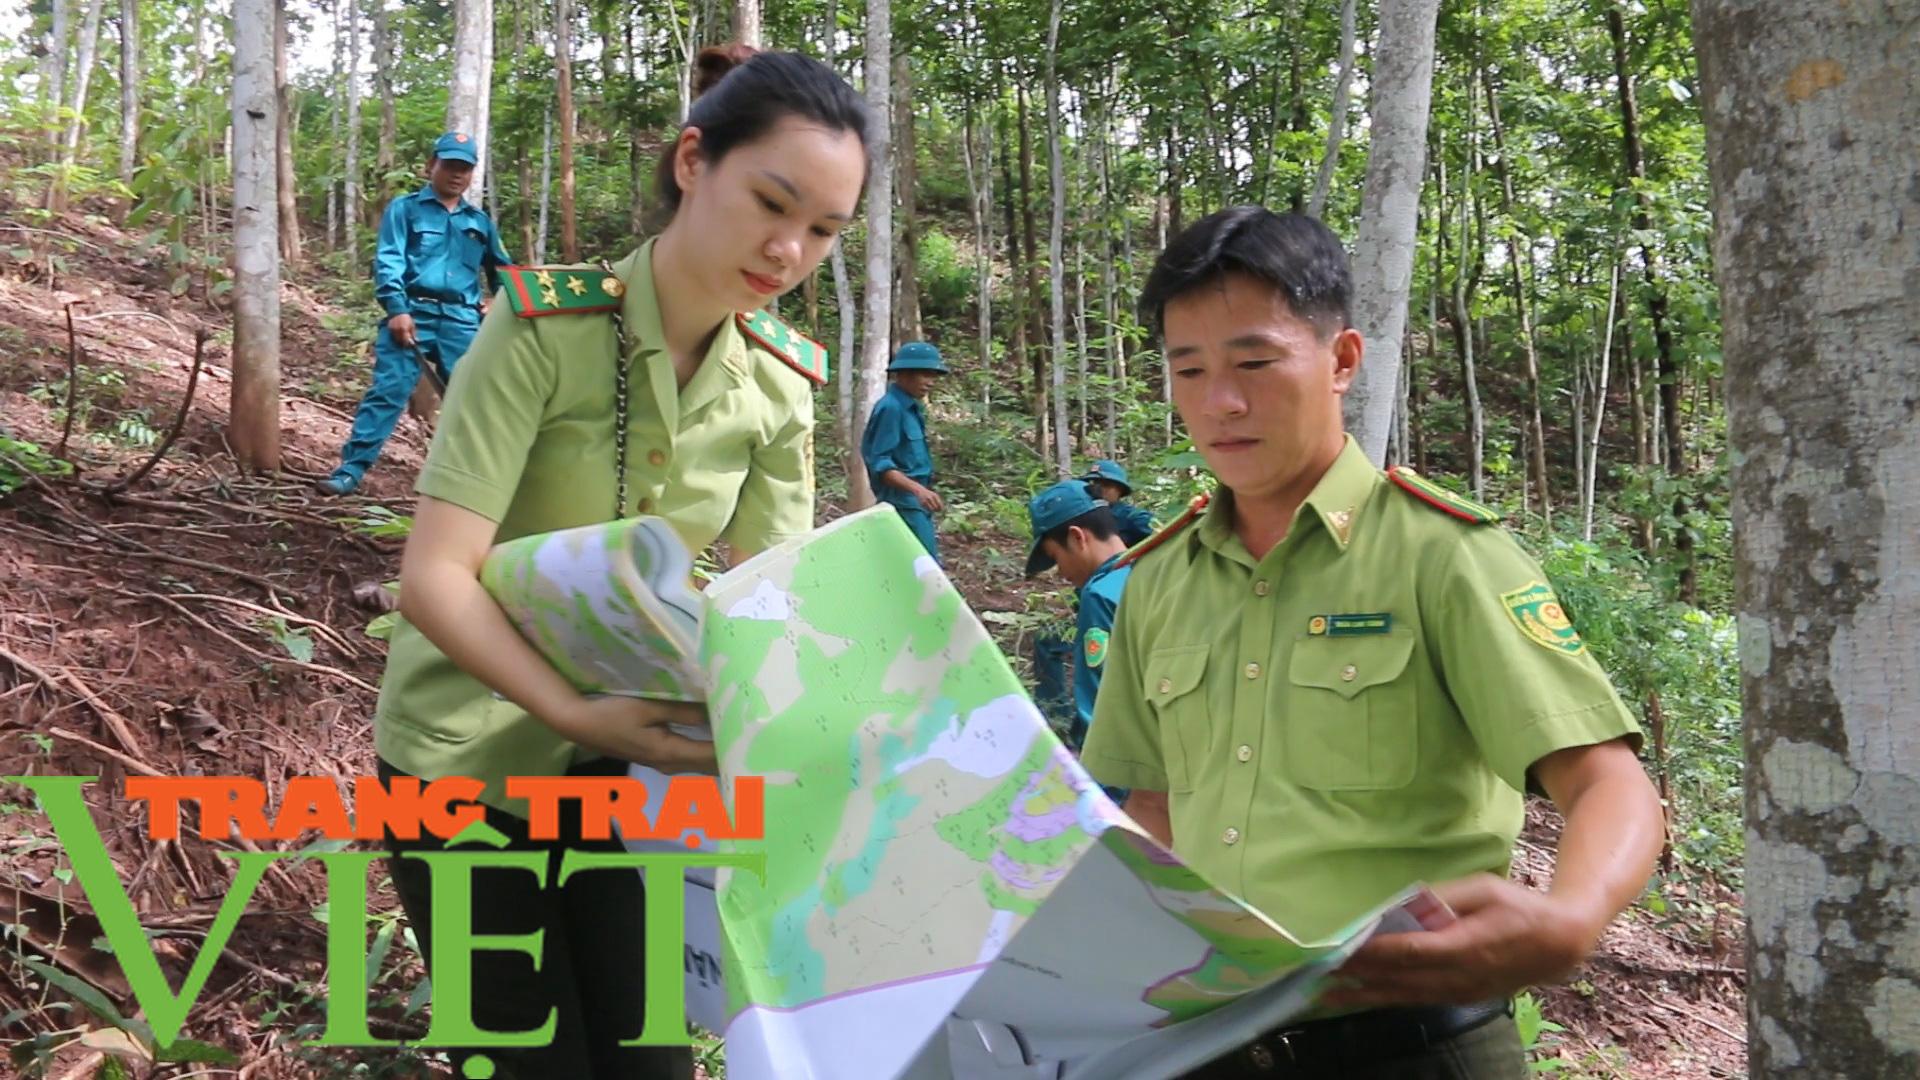 Hạt Kiểm lâm Yên Châu với công tác tuần tra bảo vệ rừng - Ảnh 6.